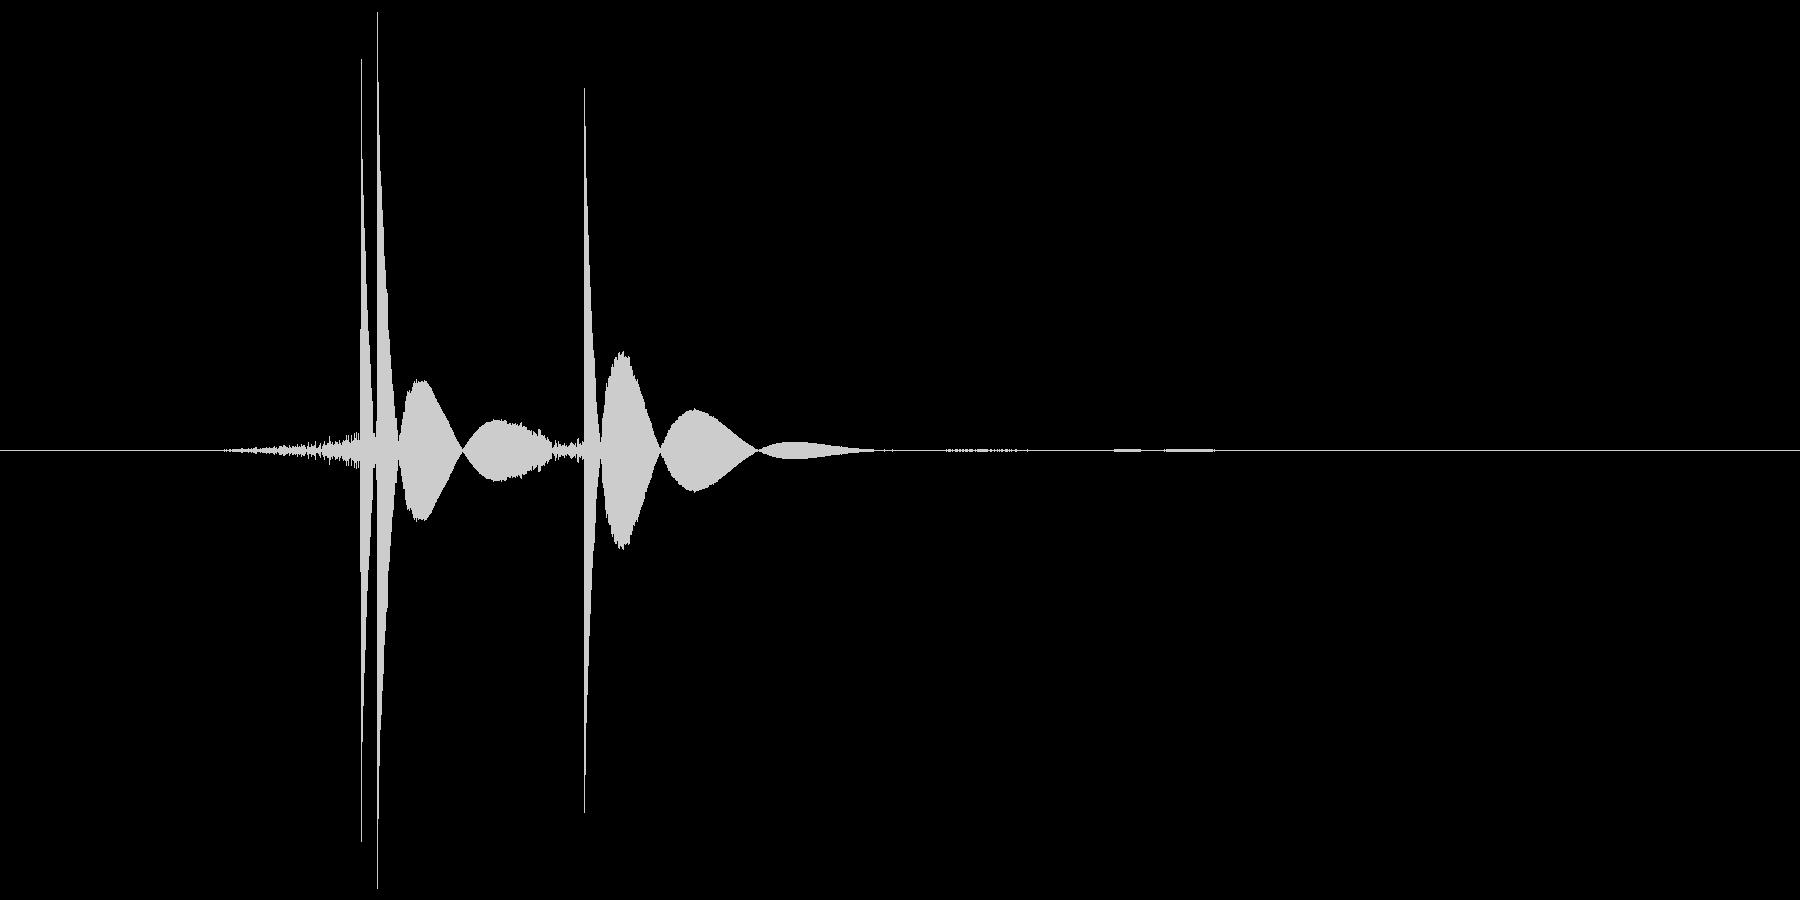 ゲーム(ファミコン風)ヒット音_047の未再生の波形